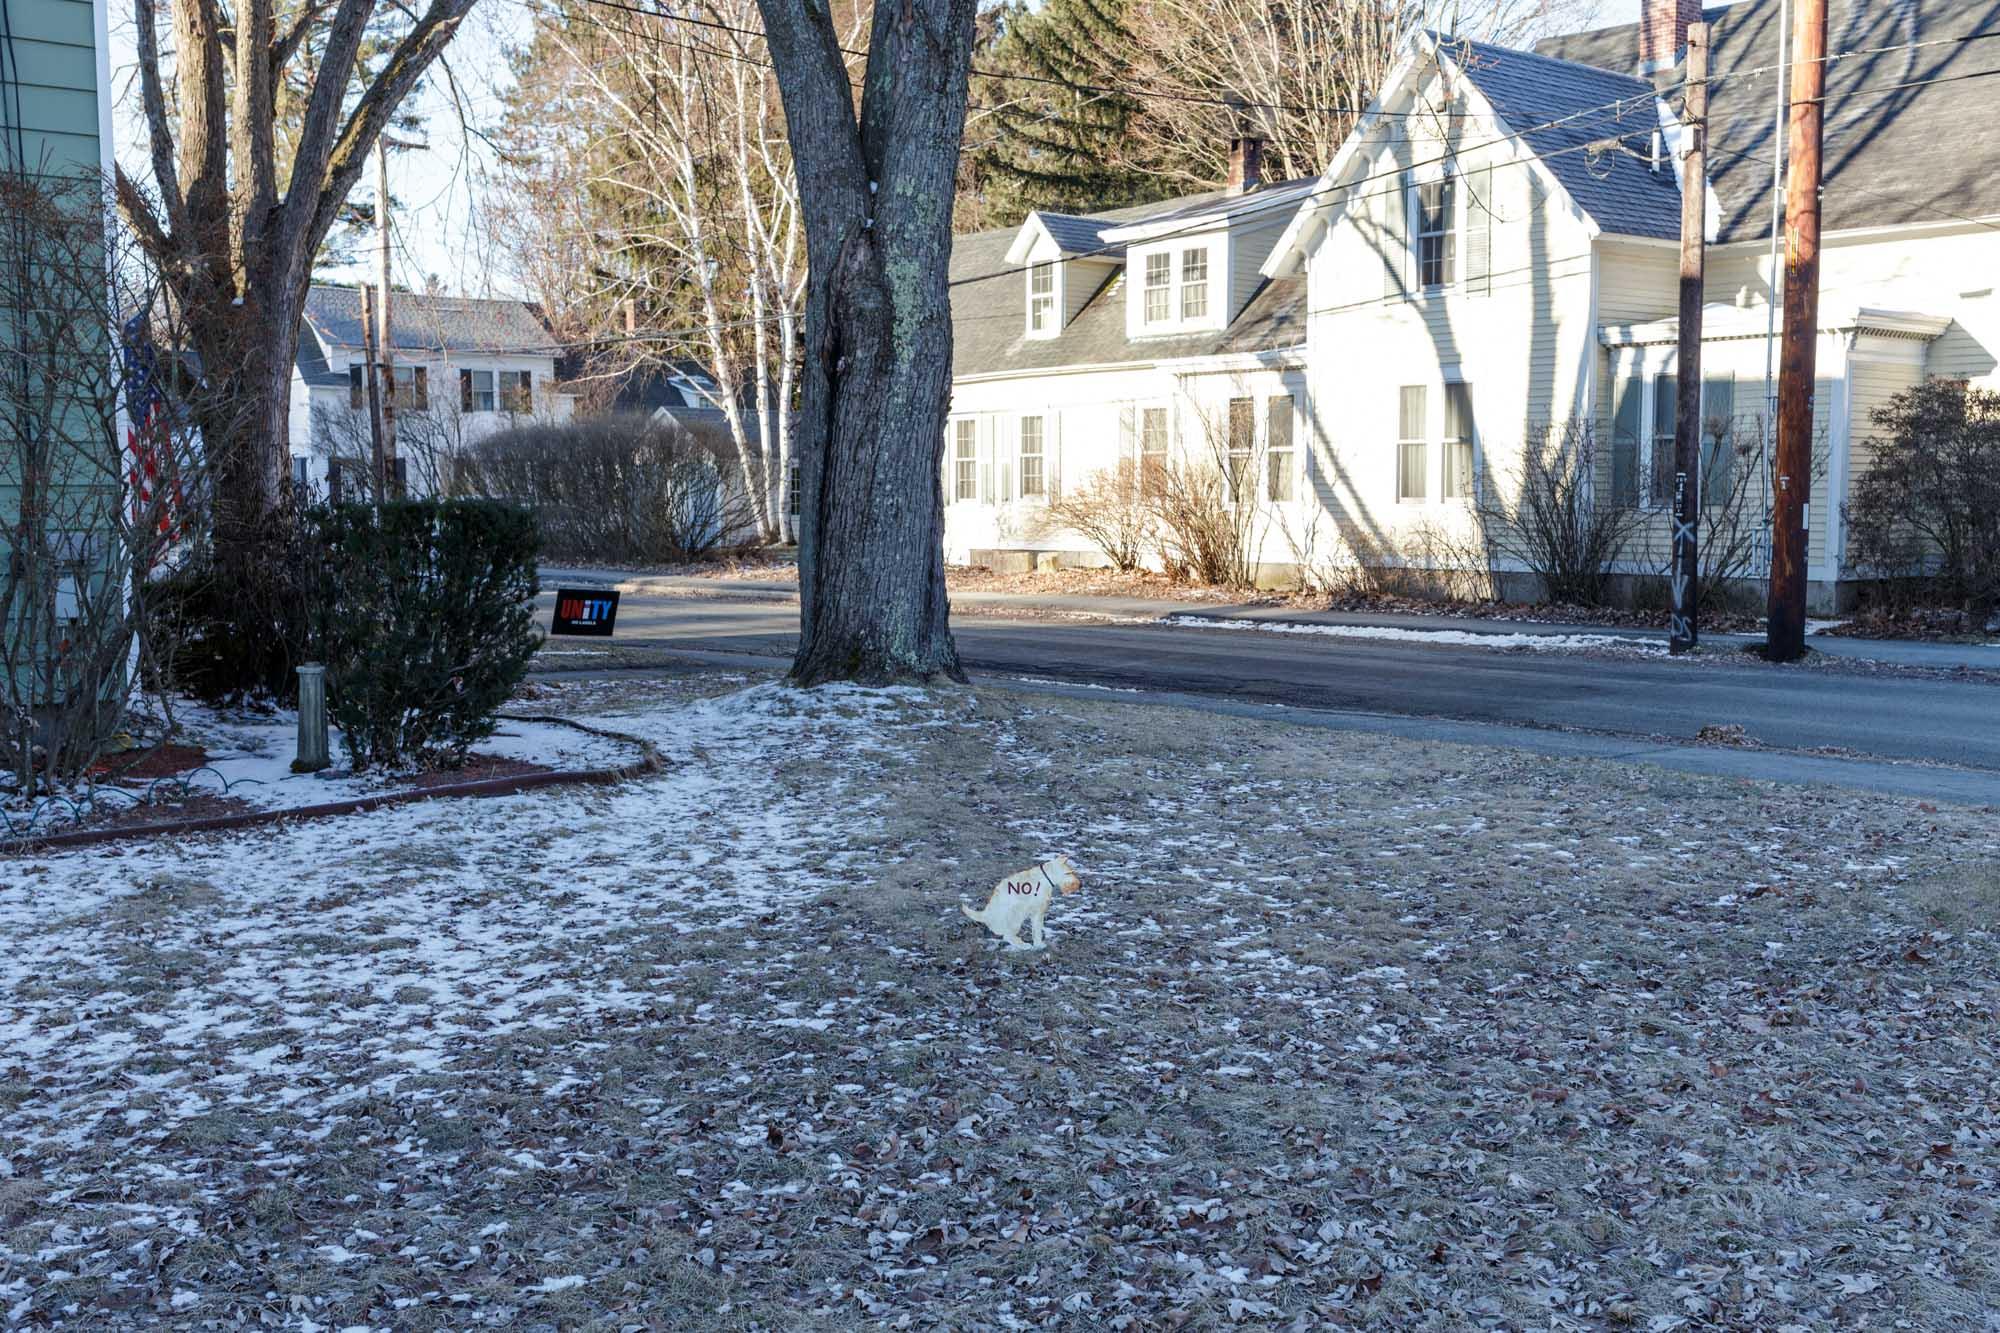 Dog Poop Sign on Lawn